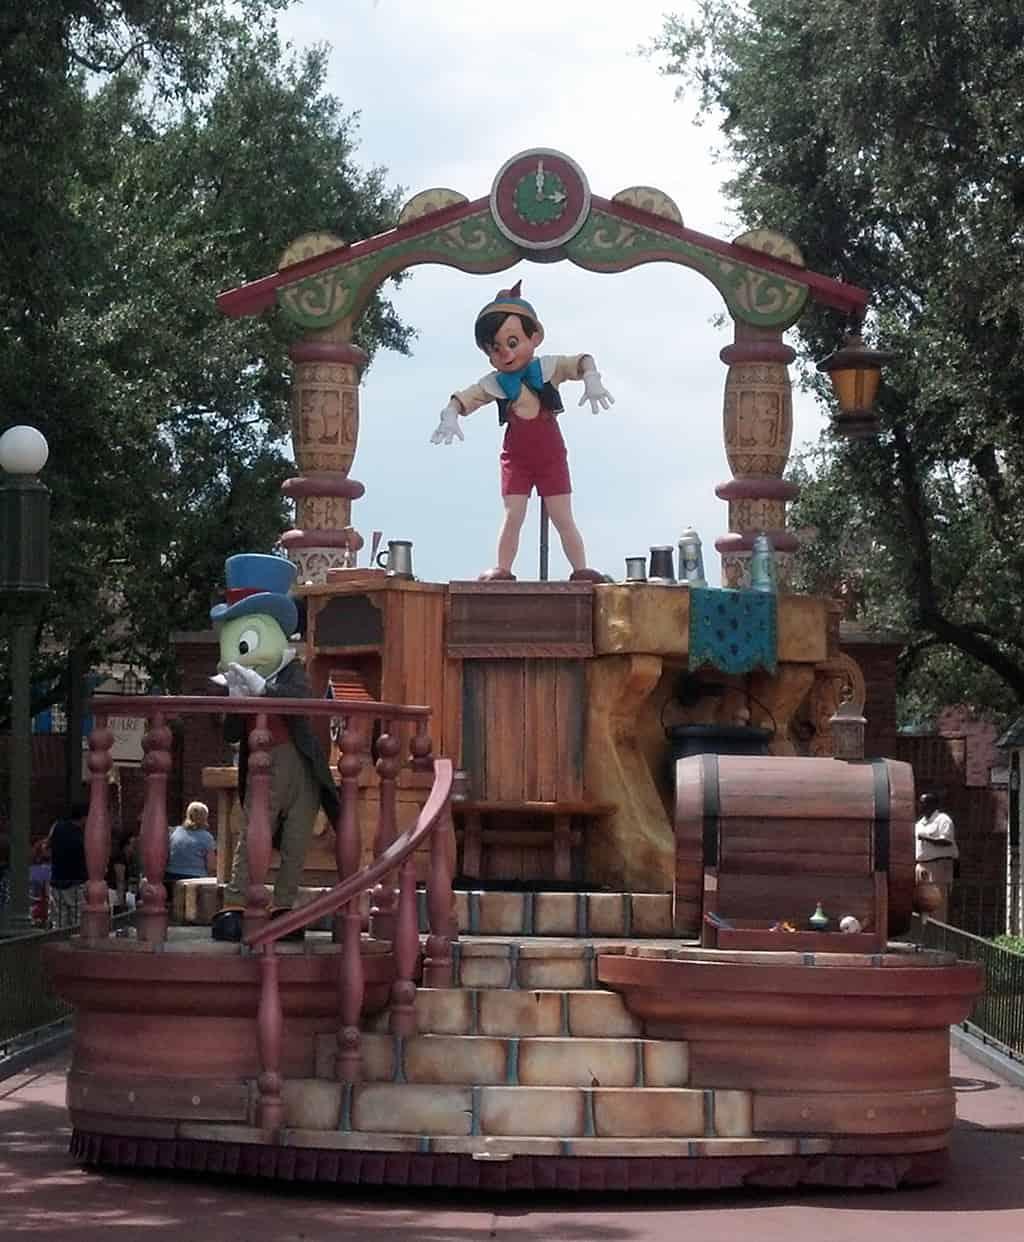 Walt Disney World, Magic Kingdom, Celebrate a Dream Come True Parade, PInocchio